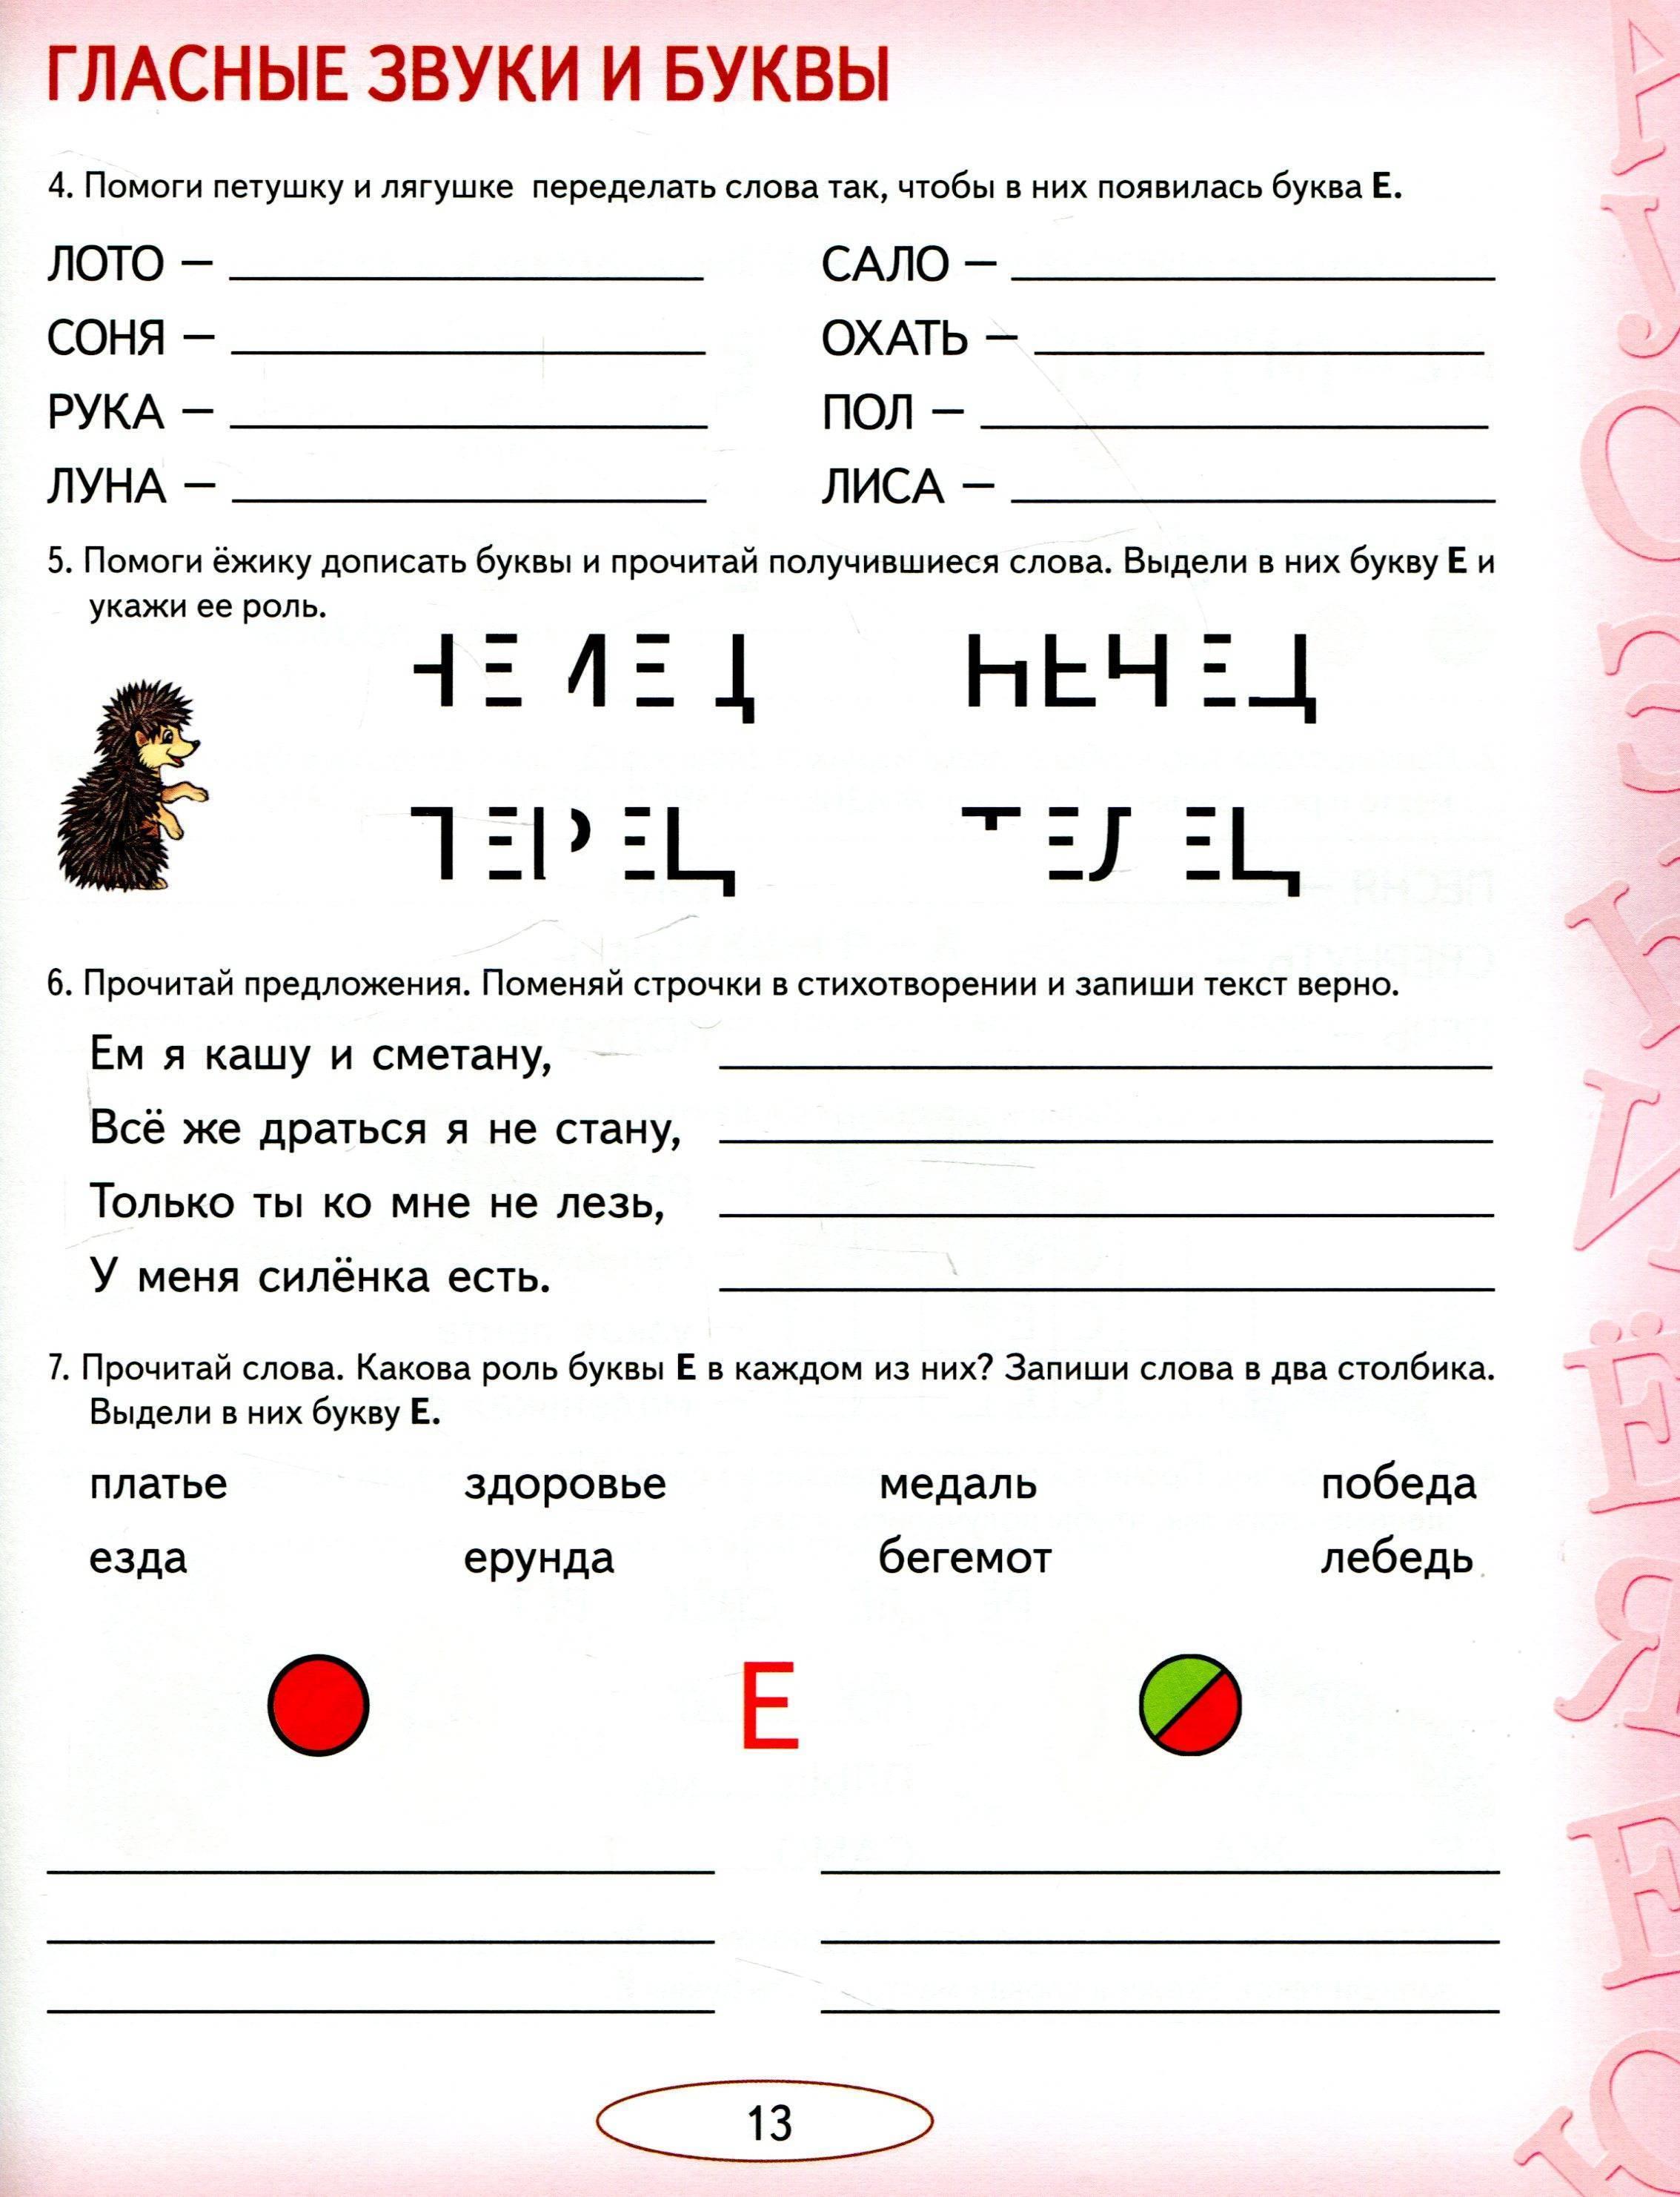 Статья по логопедии на тему:  дисграфия и дислексия у младших школьников | социальная сеть работников образования